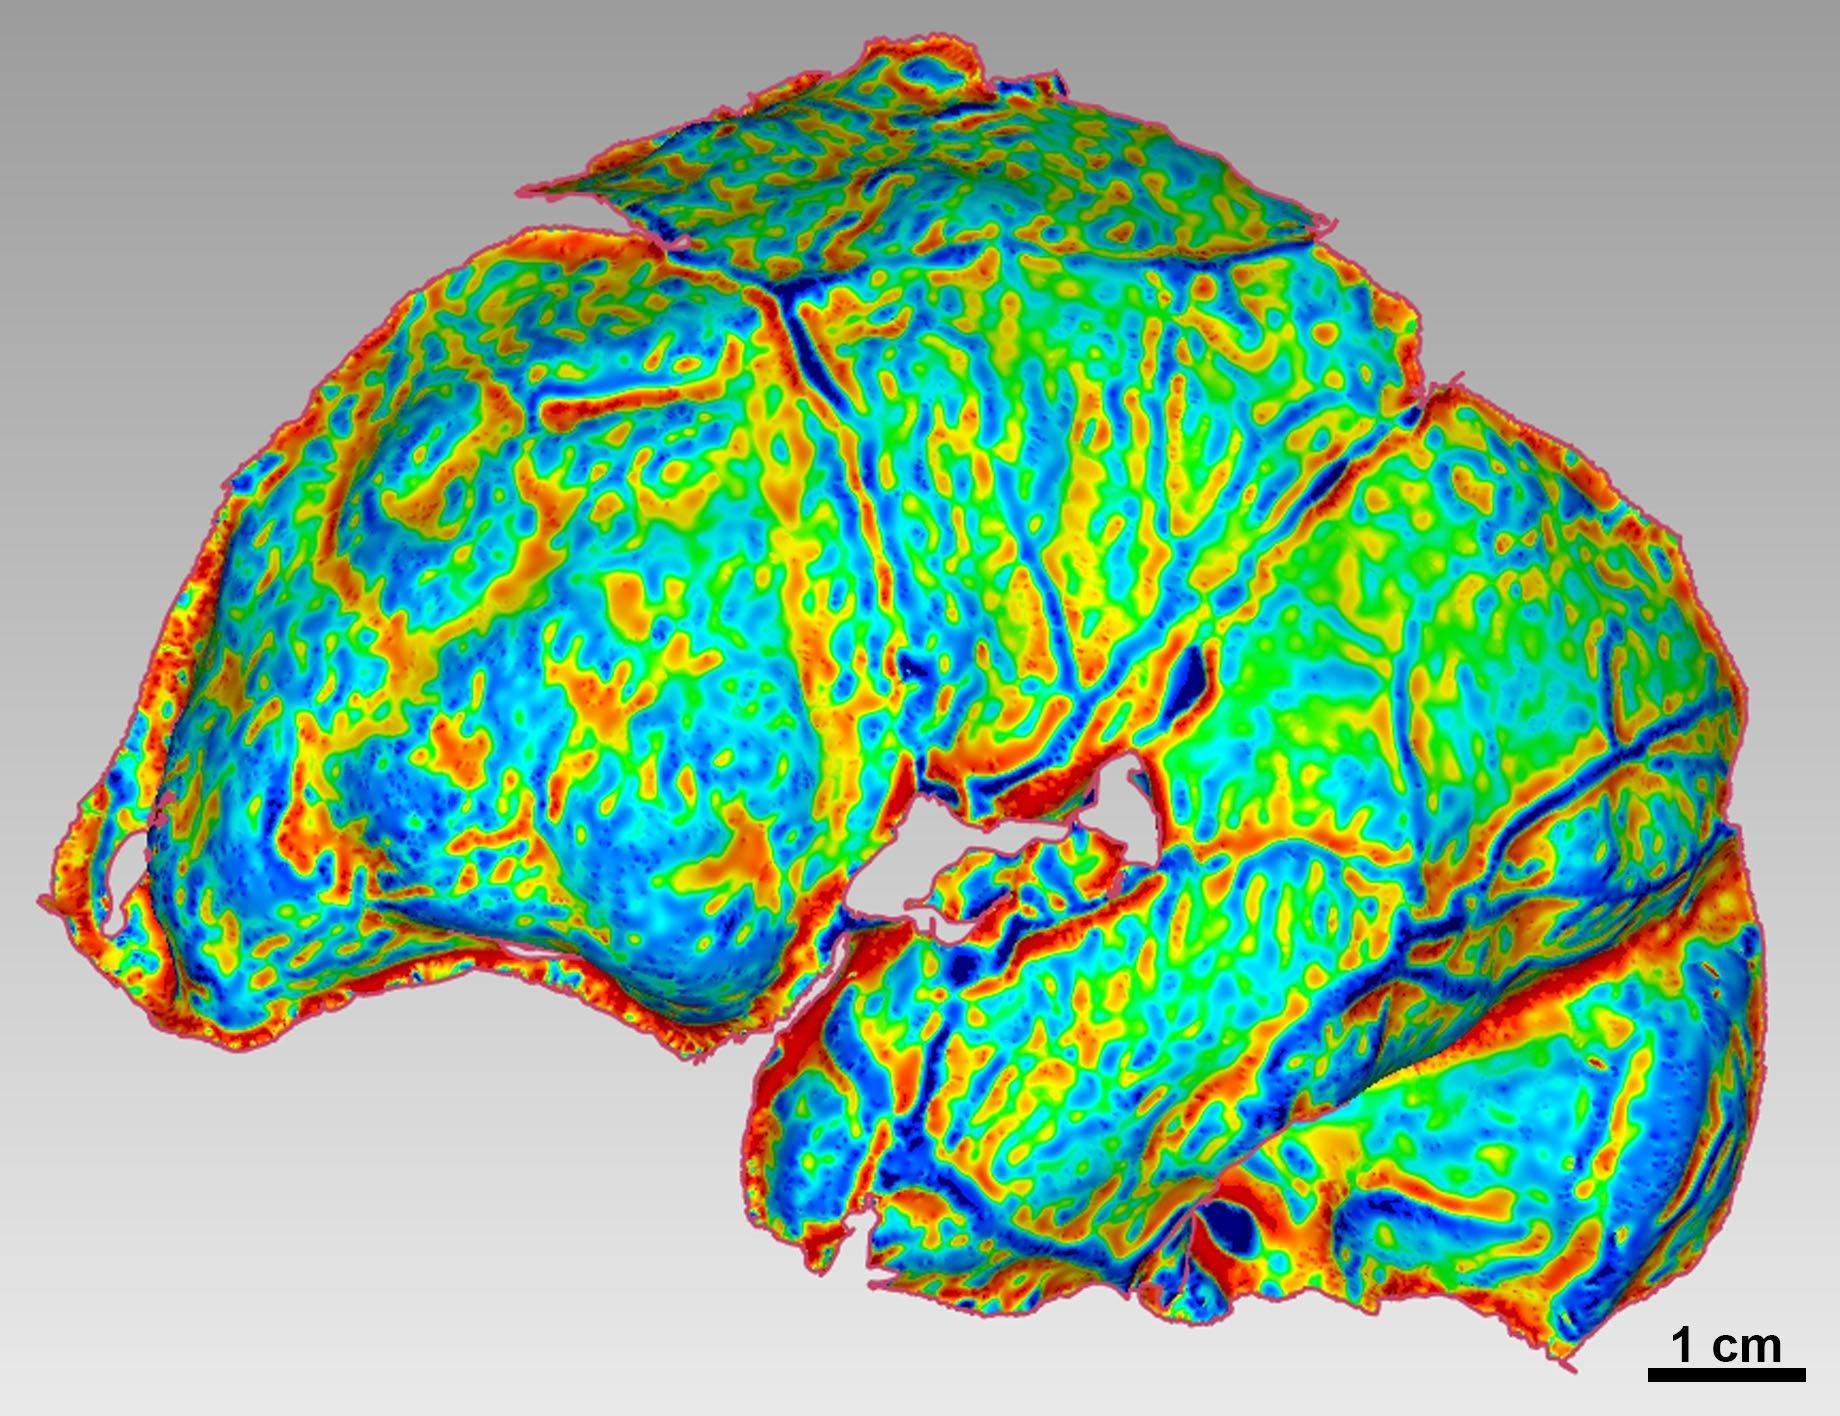 Hier ist eine graphische Darstellung der Bögen und Wölbungen des Gehirns von Homo naledi zu seihen. Sie zeigt, dass das Gehirn des kleinen Urmenschen moderne Strukturen enthielt.